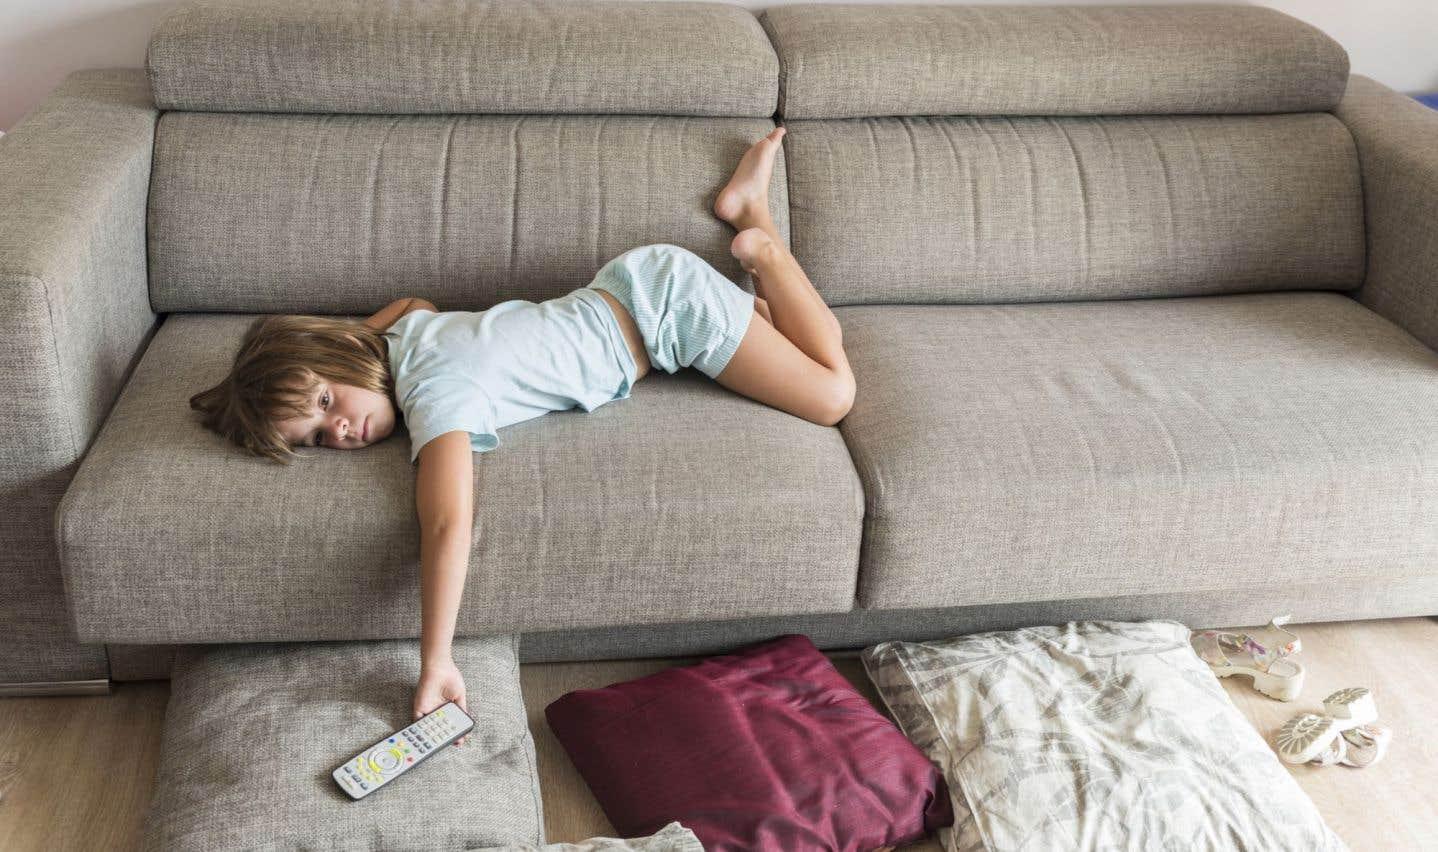 Le risque d'obésité est encore plus élevé chez les enfants dont l'heure de coucher est inconstante.